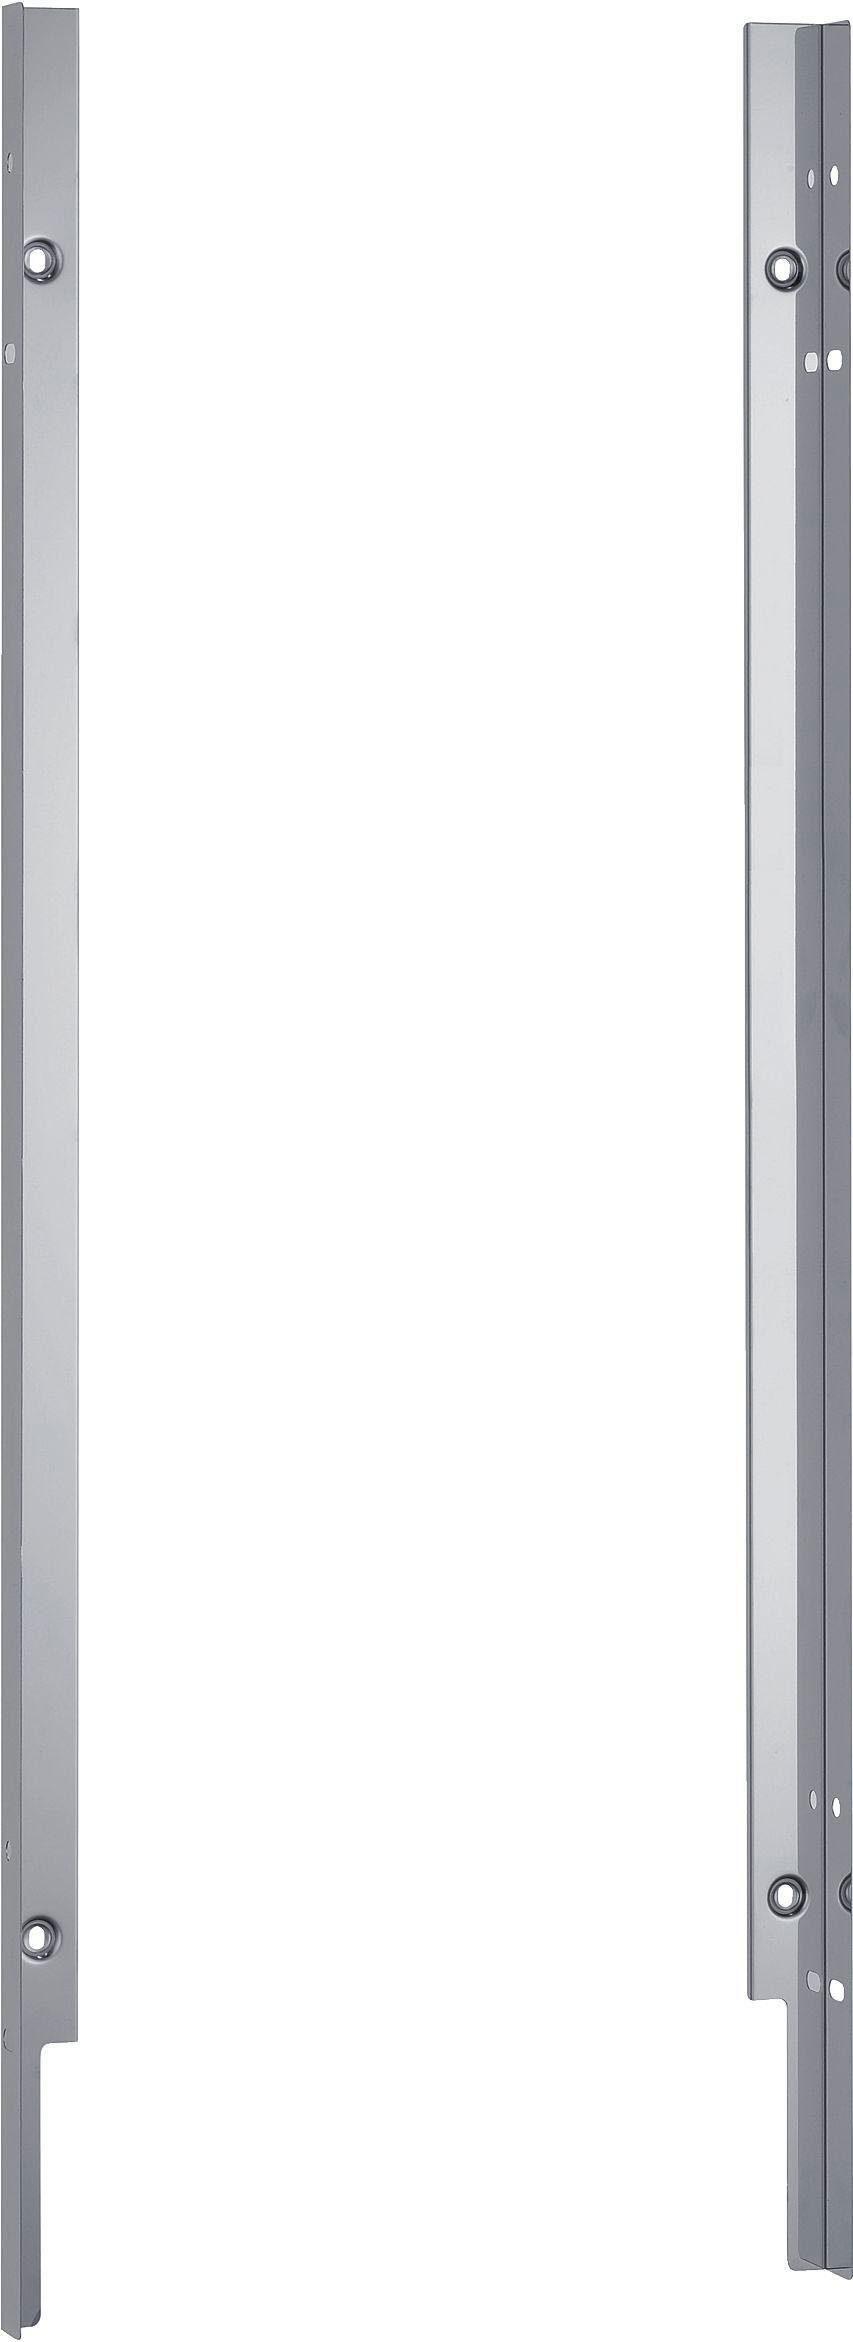 SIEMENS Verblendungssatz SZ73006, Zubehör für Geschirrspüler